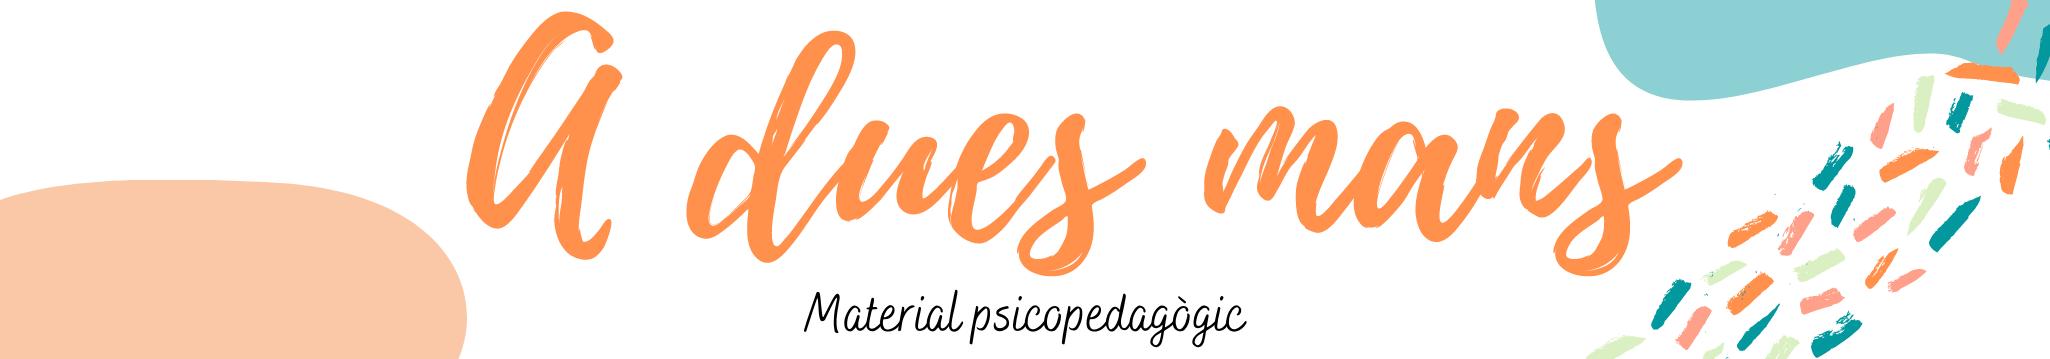 Material psicopedagògic